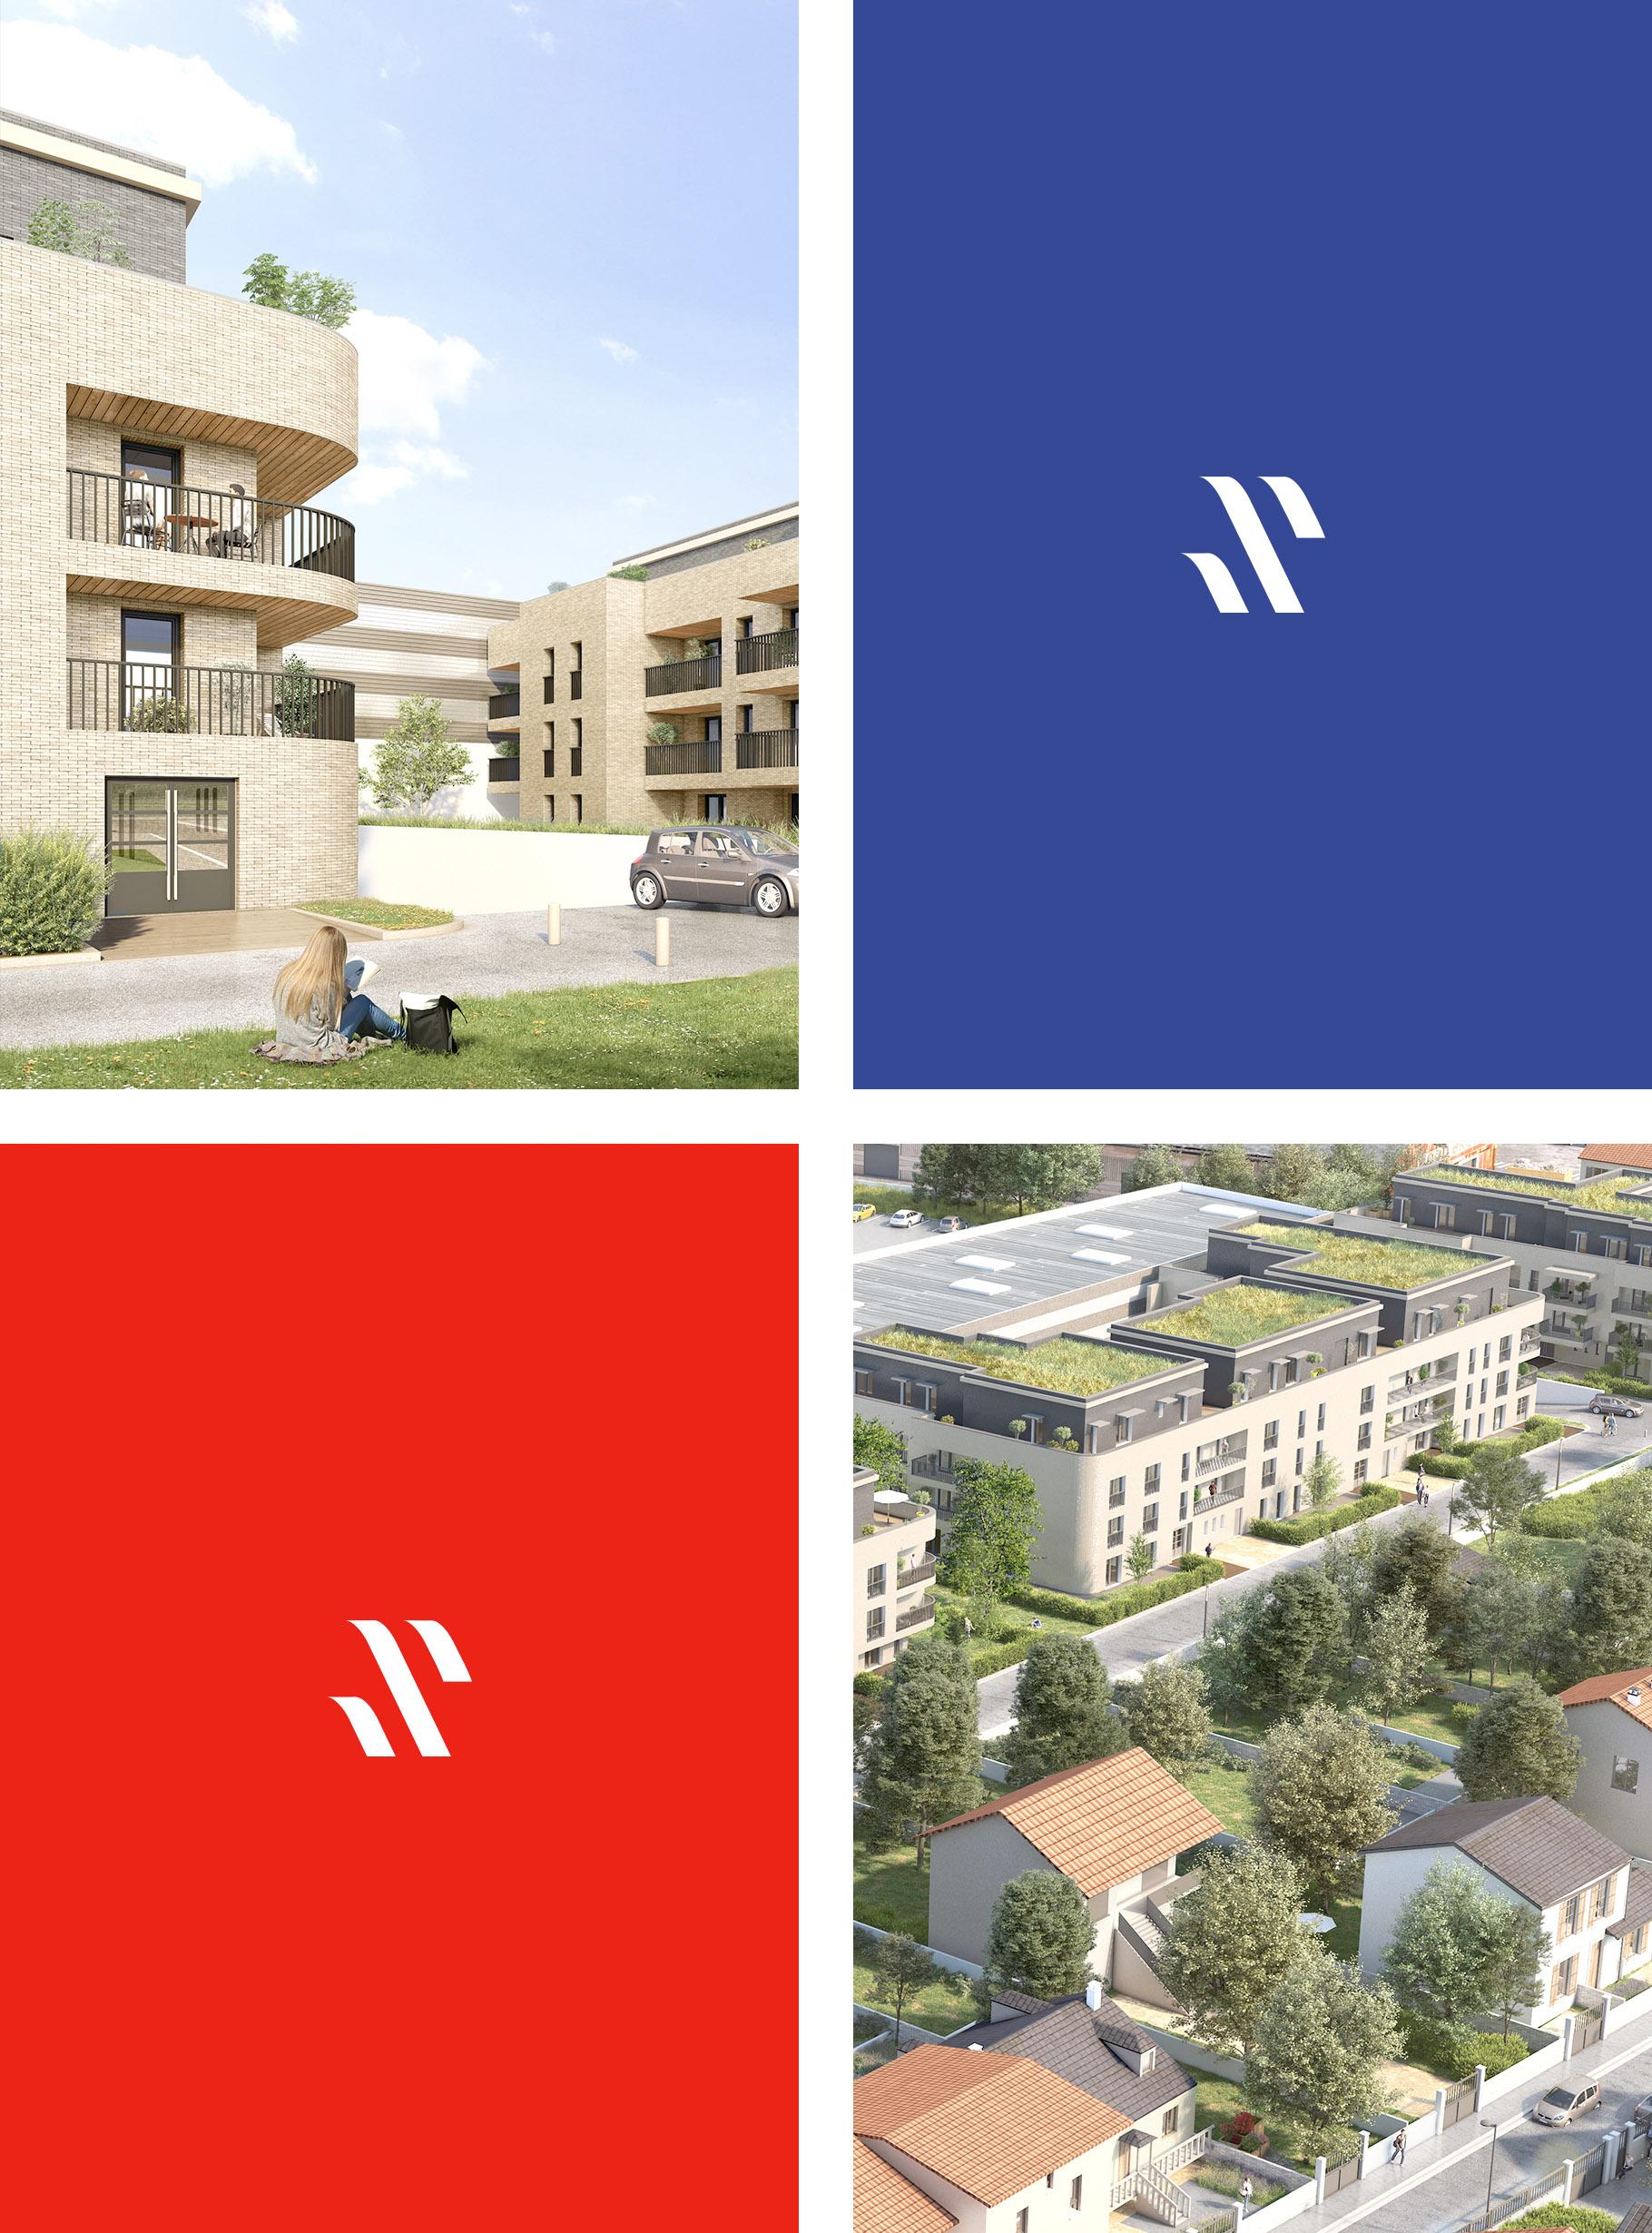 Pictogramme du logo et photos d'architecture